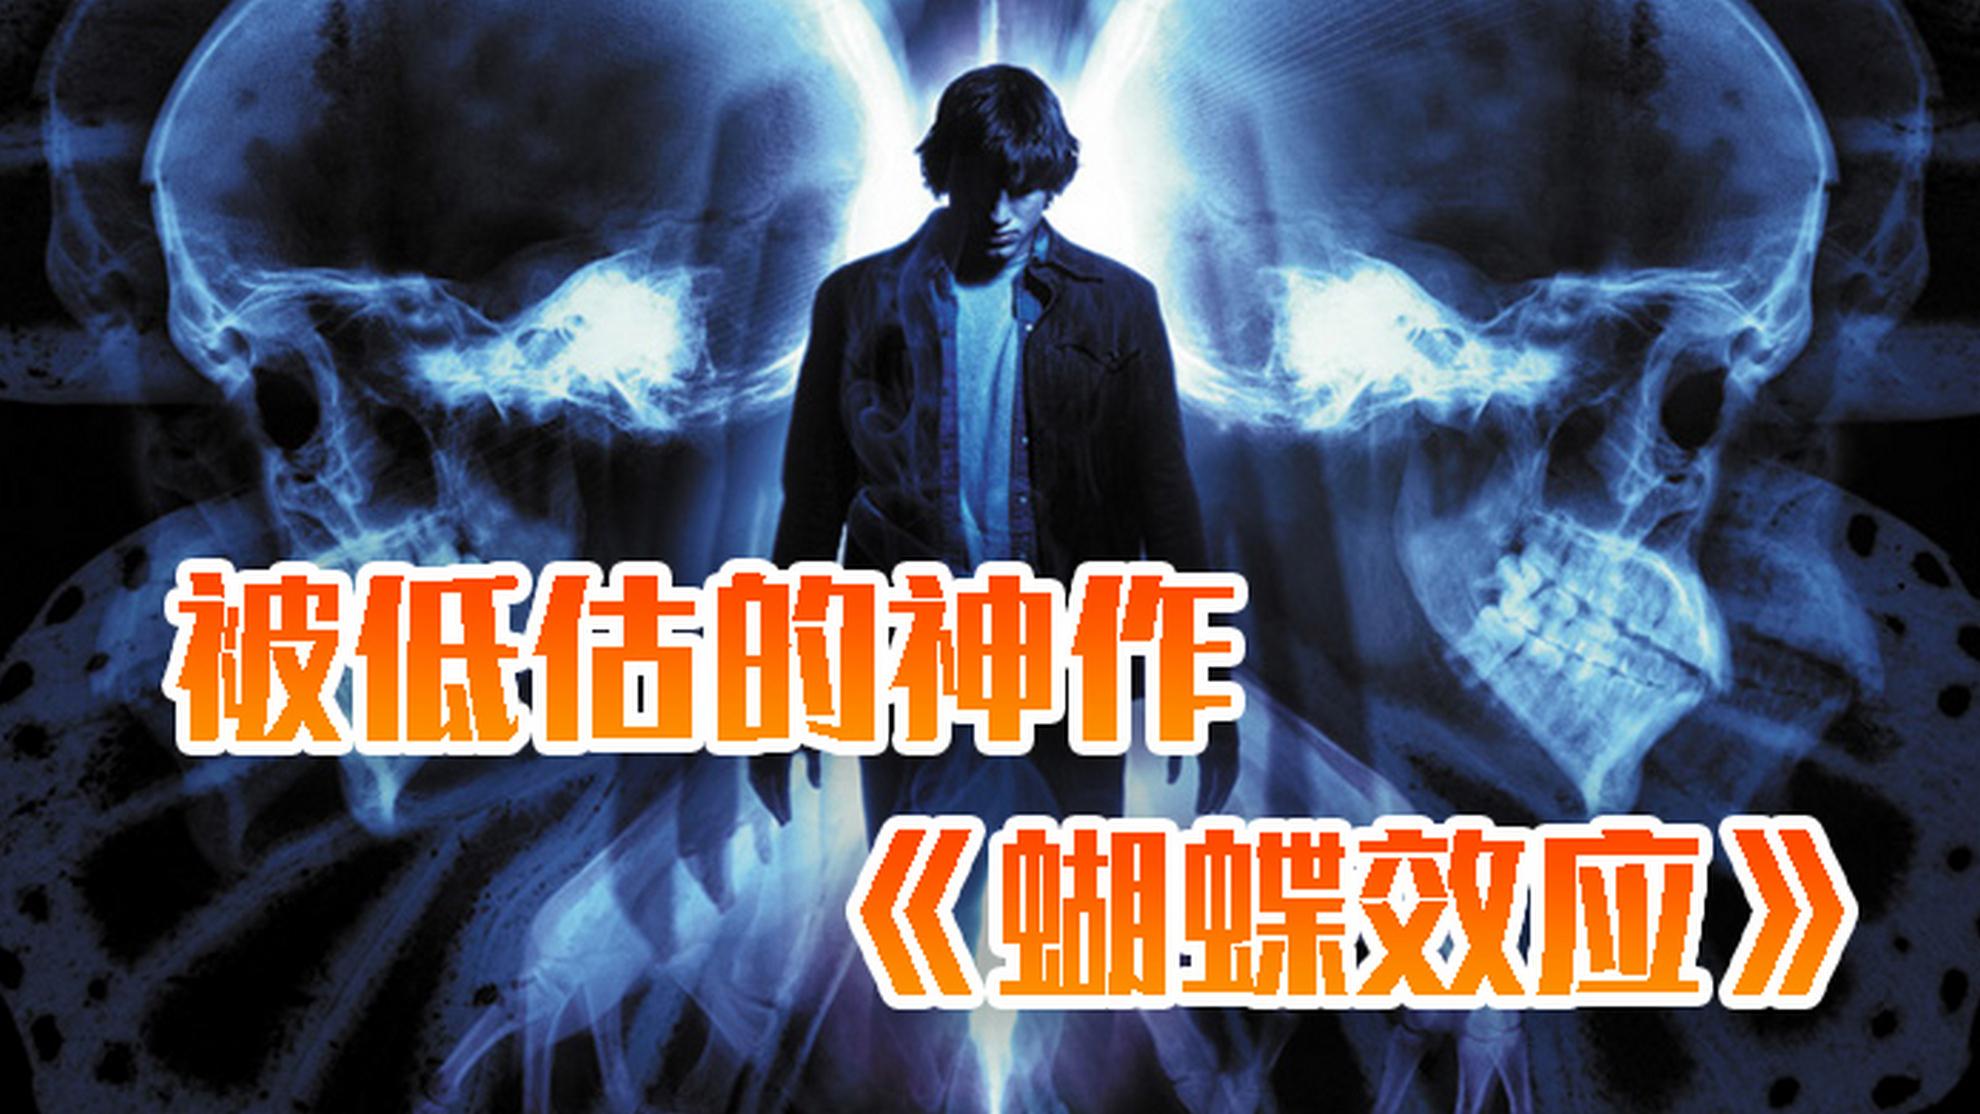 【阿斗】全面解析神作《蝴蝶效应》2位导演一生只拍过这一部电影,但足够了!